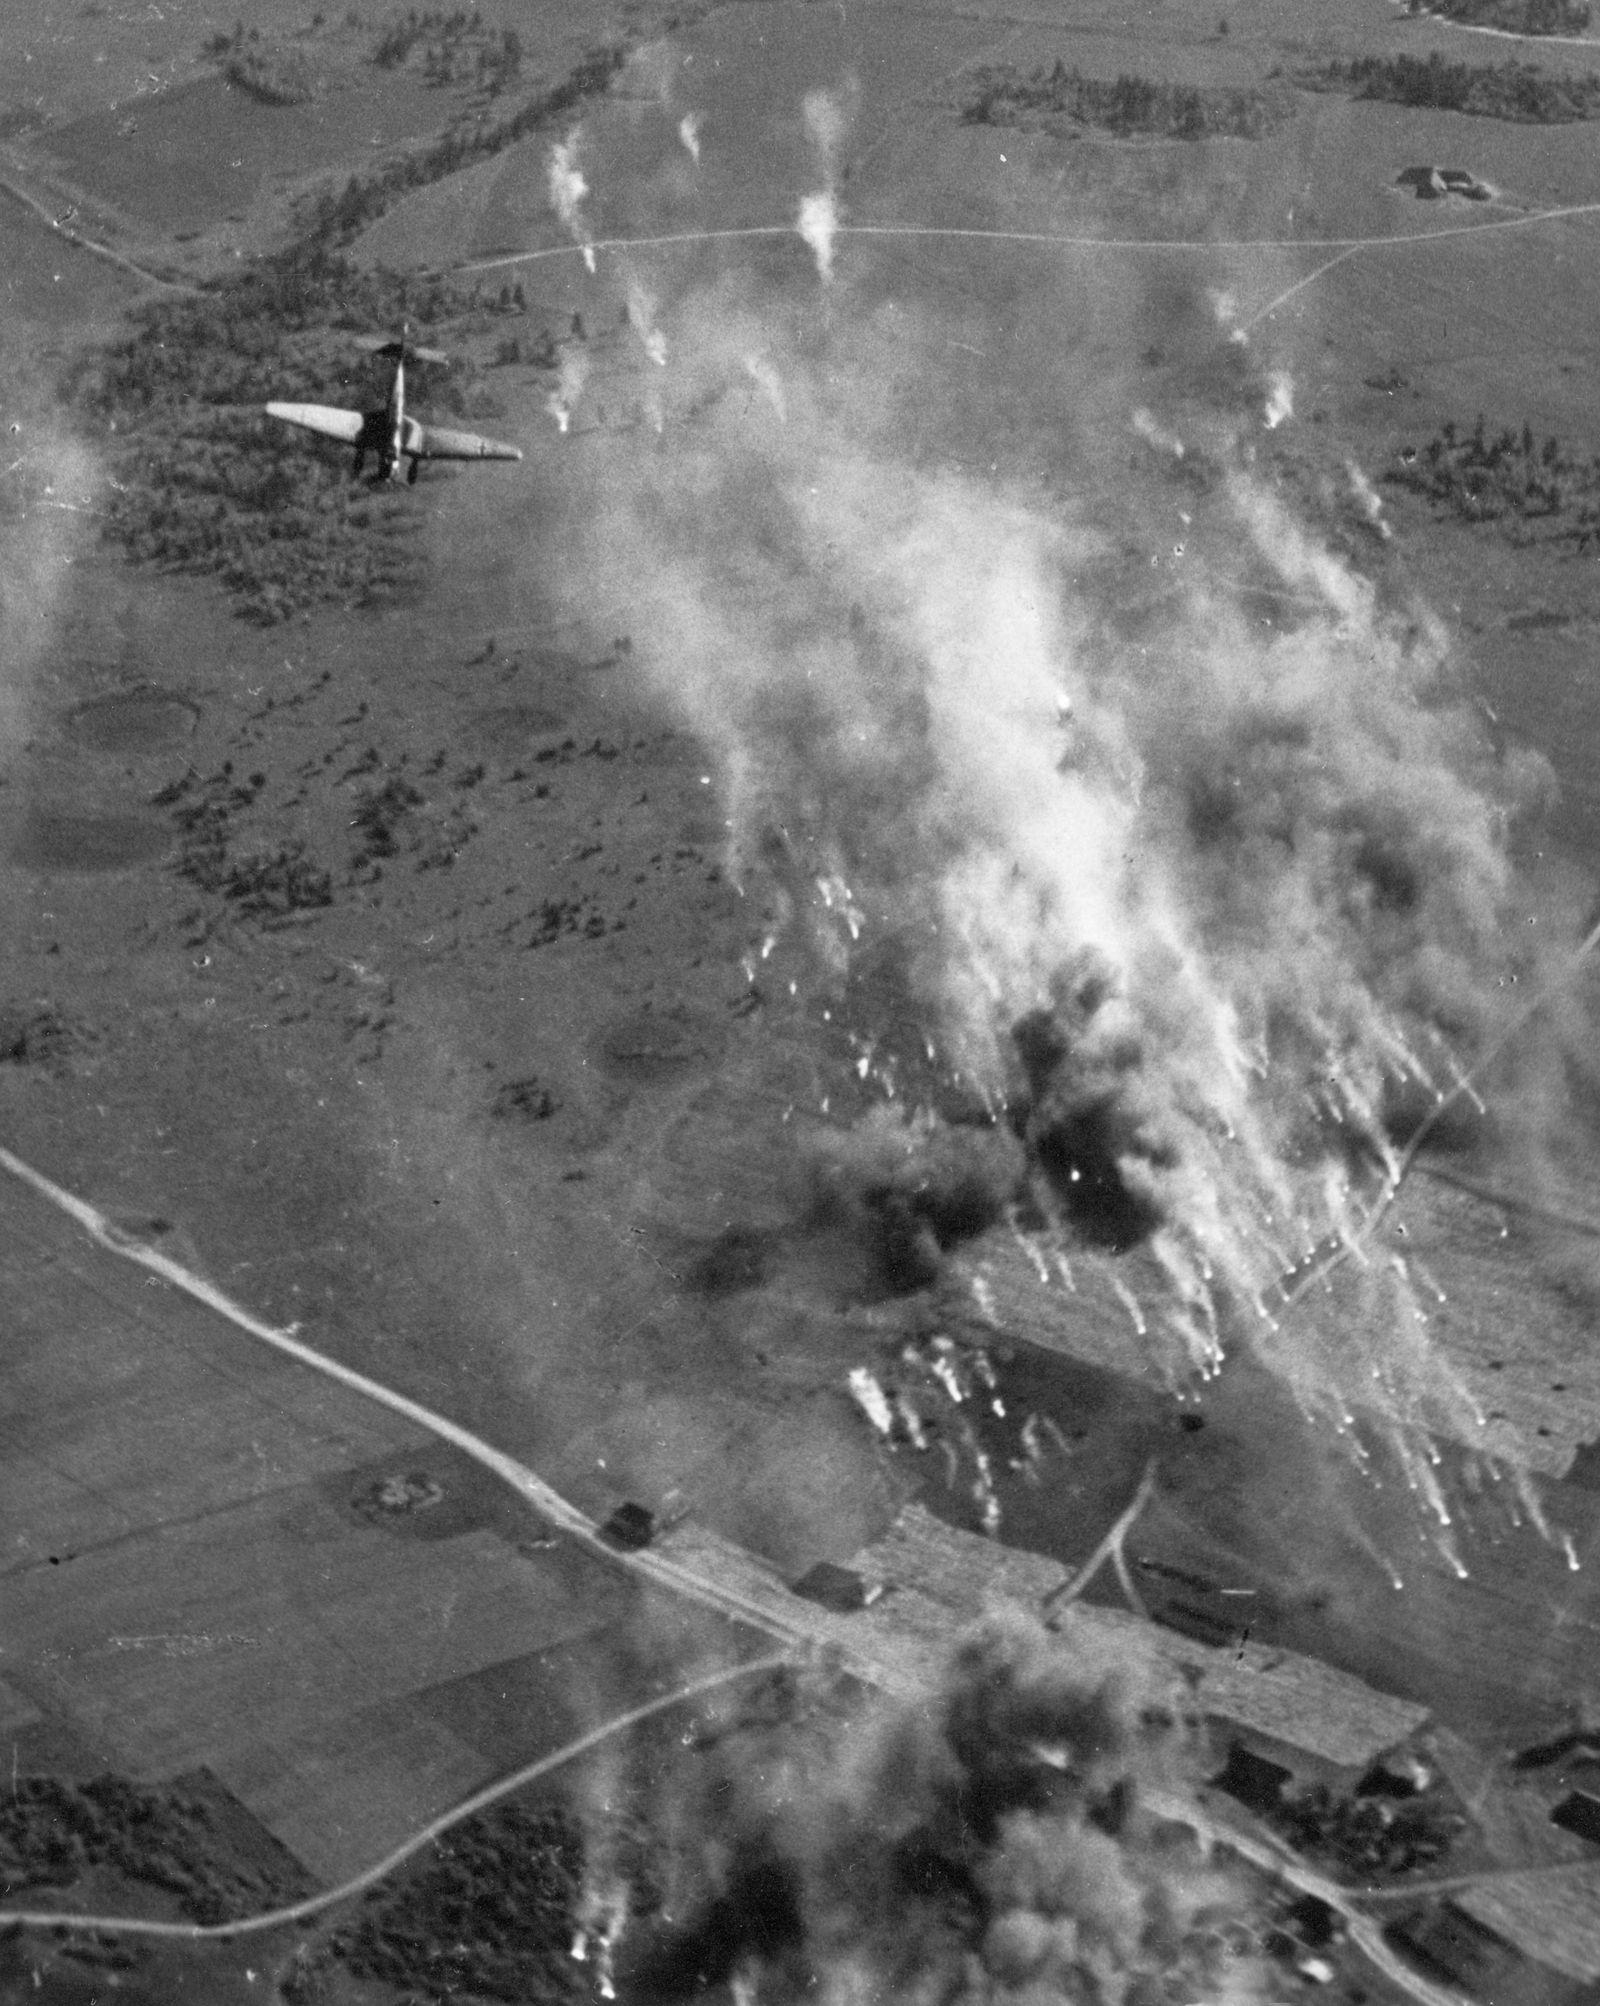 Angriff deutscher Stukas auf sowjetische Stellungen im Kessel von Wjasma